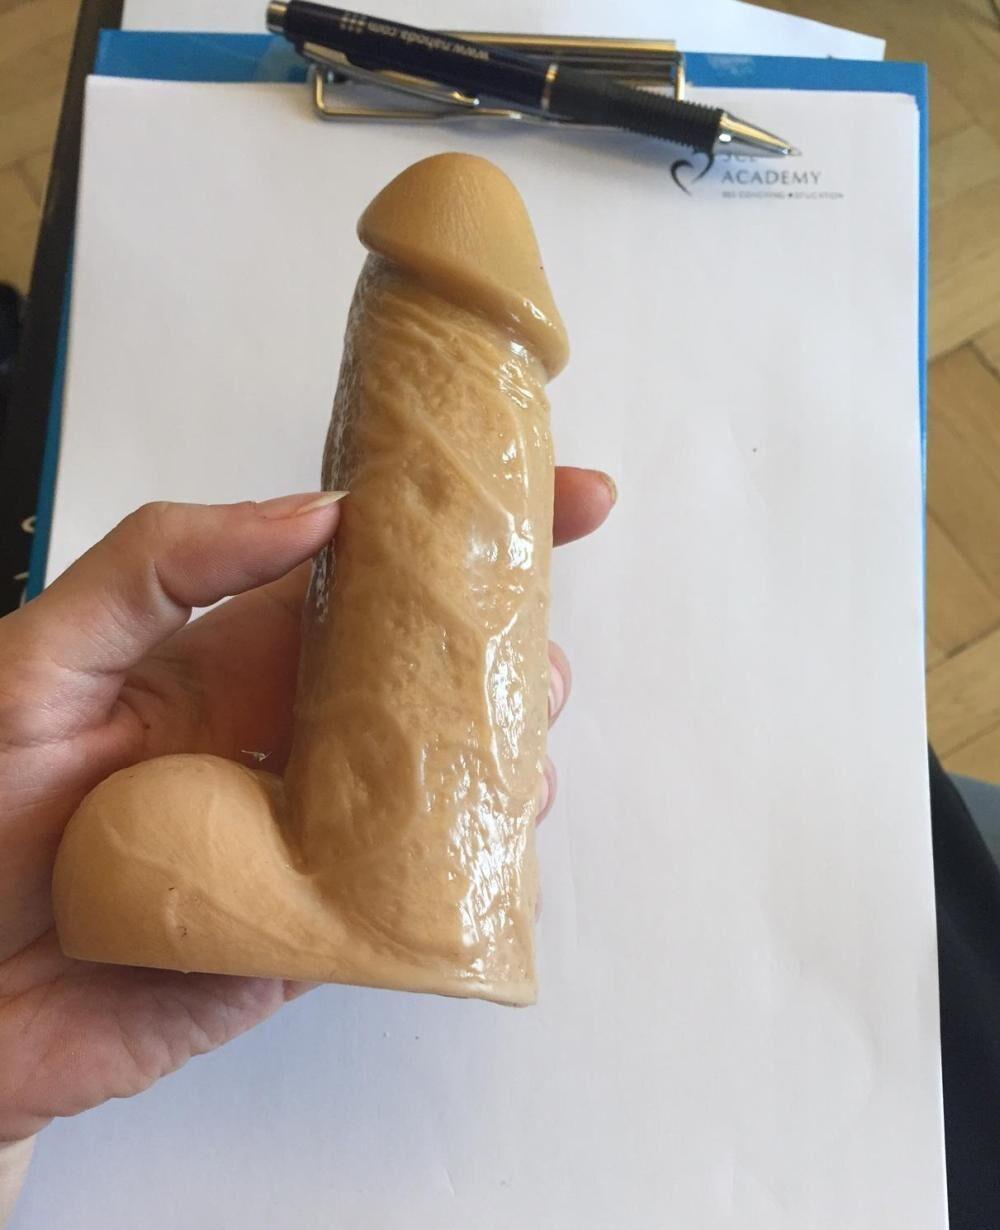 stříkat penis dort horký mladý milf sex